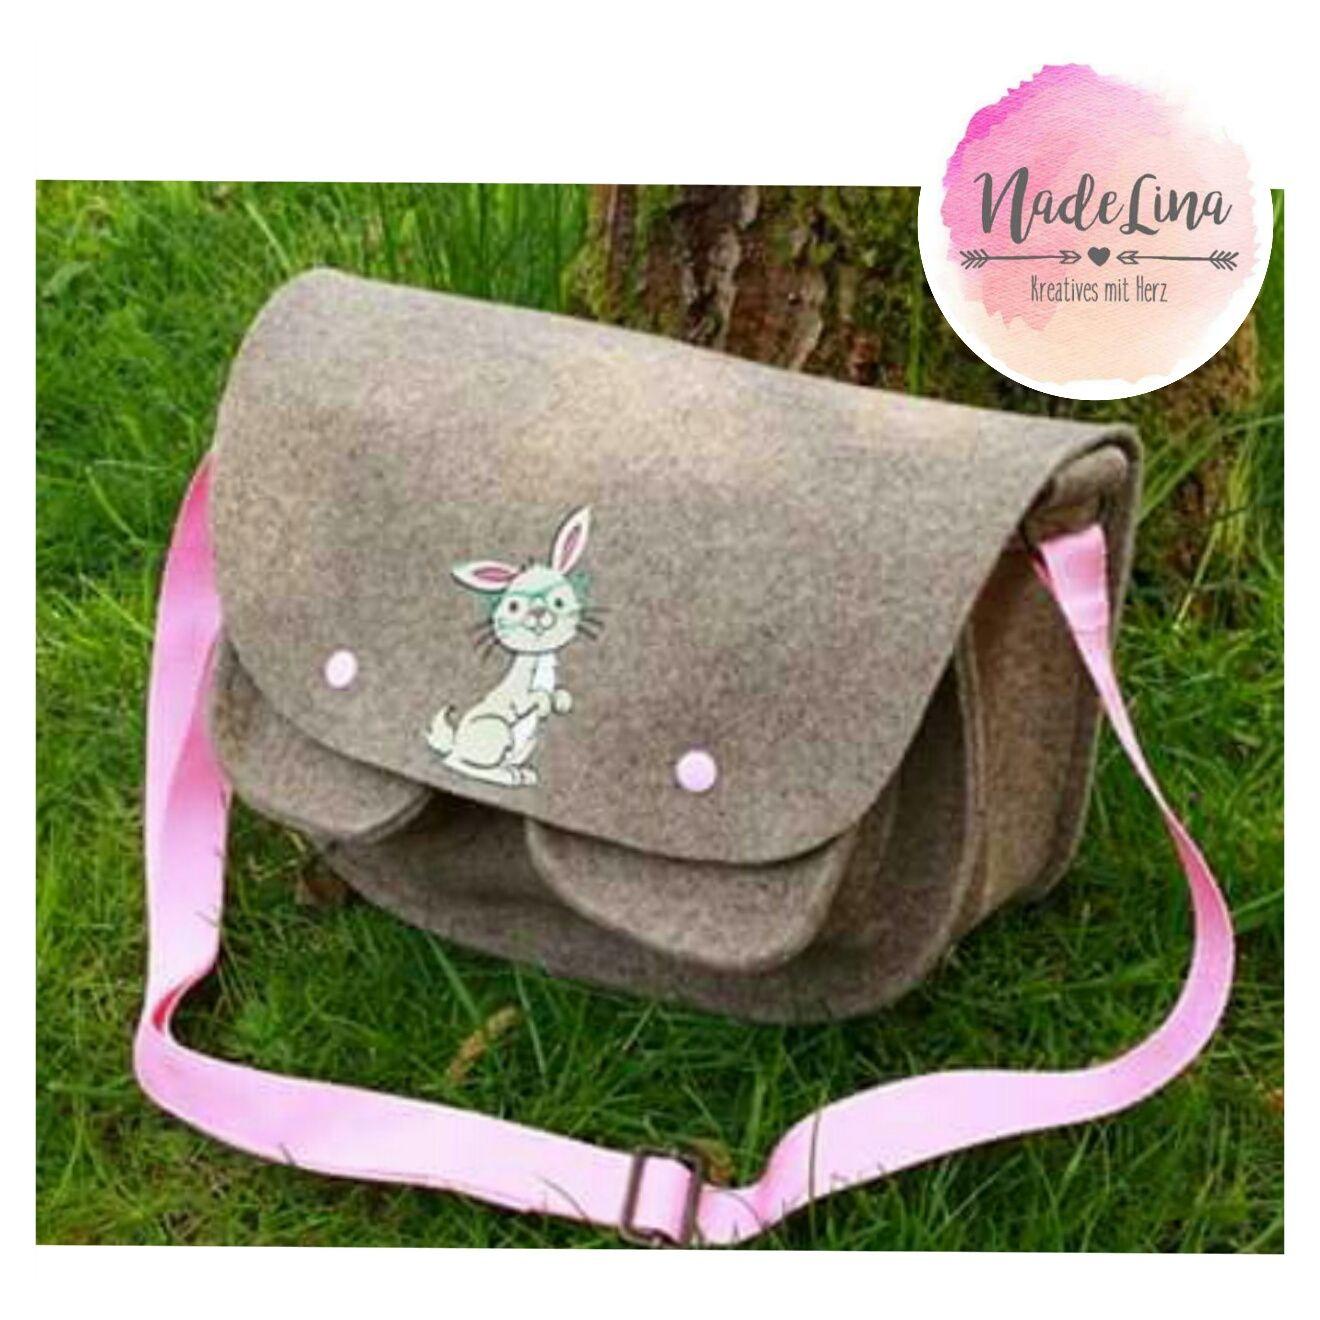 Alina von NadeLina hat mit ein paar super schöne Fotos geschickt, sie hat ein Mialana E-Book gewonnen und damit diese süße Tasche gezaubert!!!!  Ihr findet ihre Sachen hier: https://www.facebook.com/pages/NadeLina/485569471574240     Der süße Hase mit Brille ist eine Plotterdatei von Znapdog https://m.facebook.com/Znapdog/